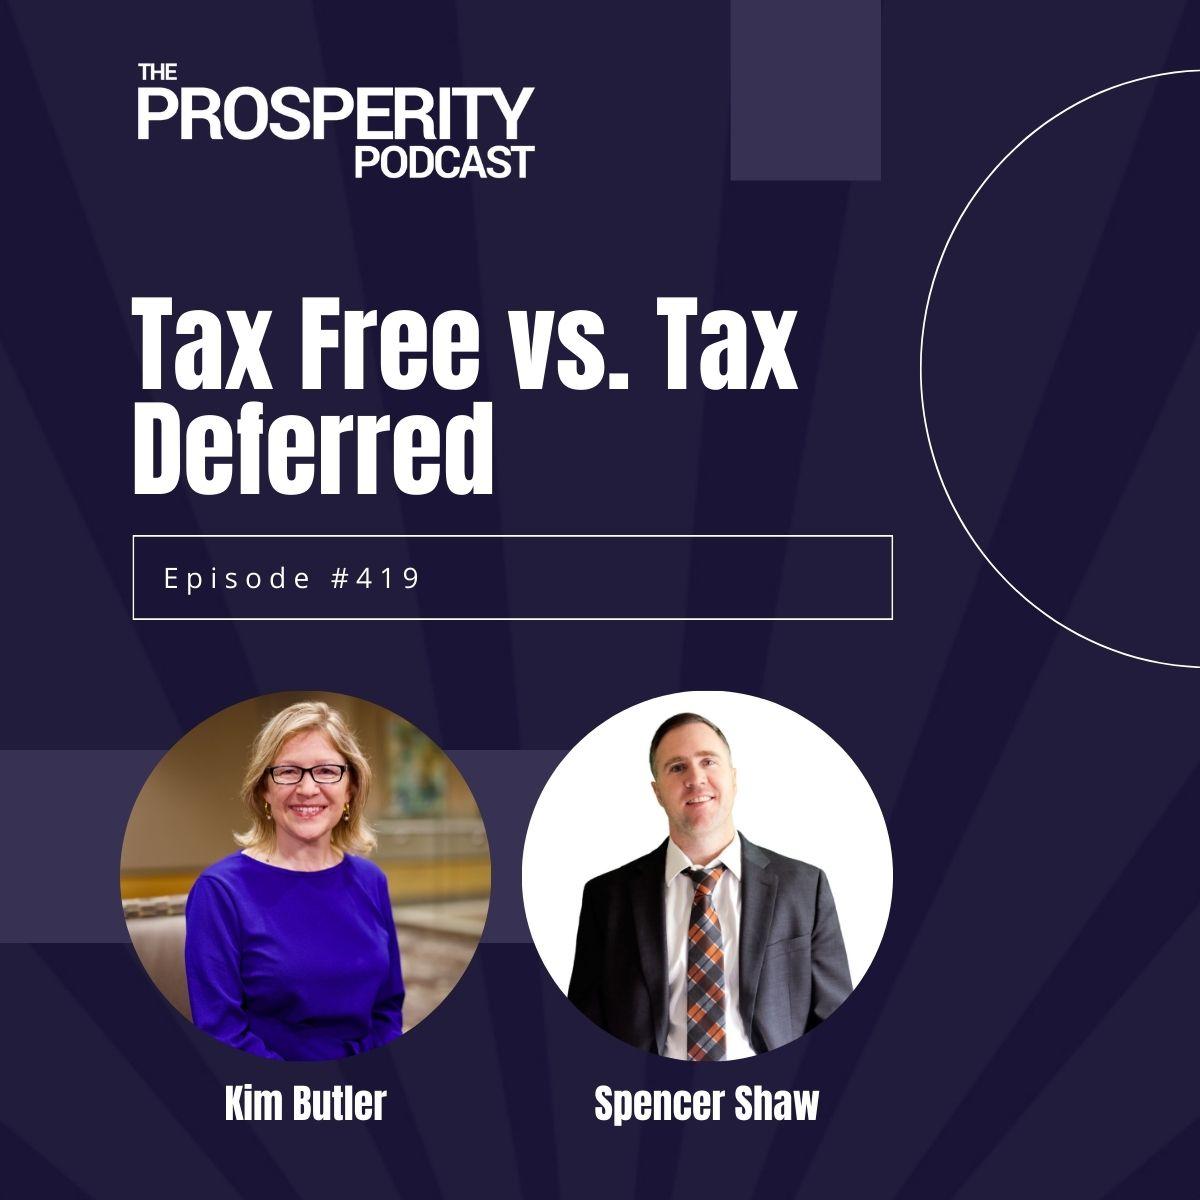 Tax Free vs. Tax Deferred